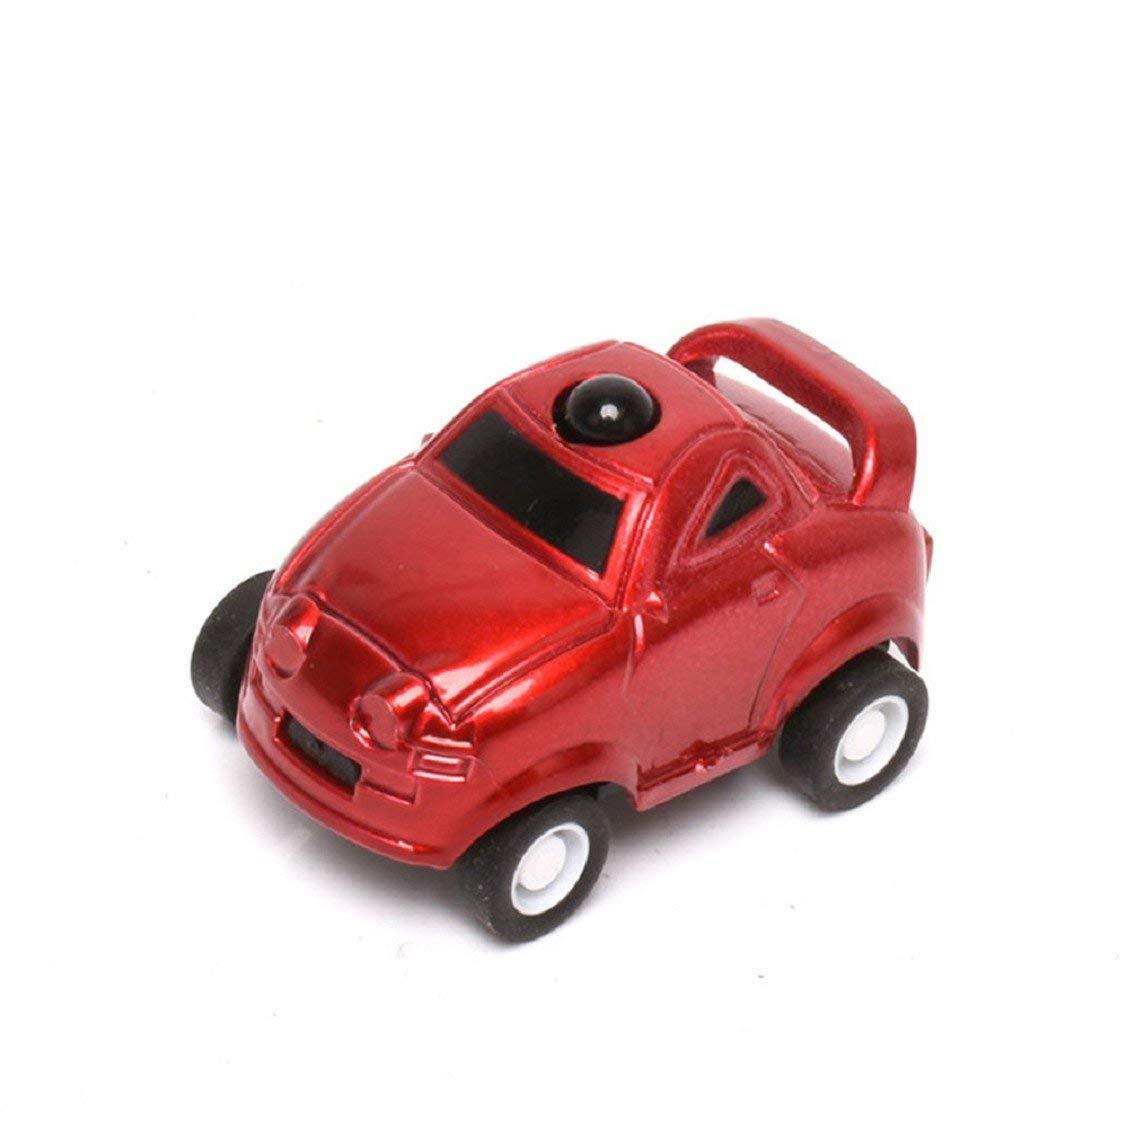 Naladoo Juguetes Para Niños Mini Christmas Ball Remote Control Car Kid Toy Gift 4 Batteries Red/Gold